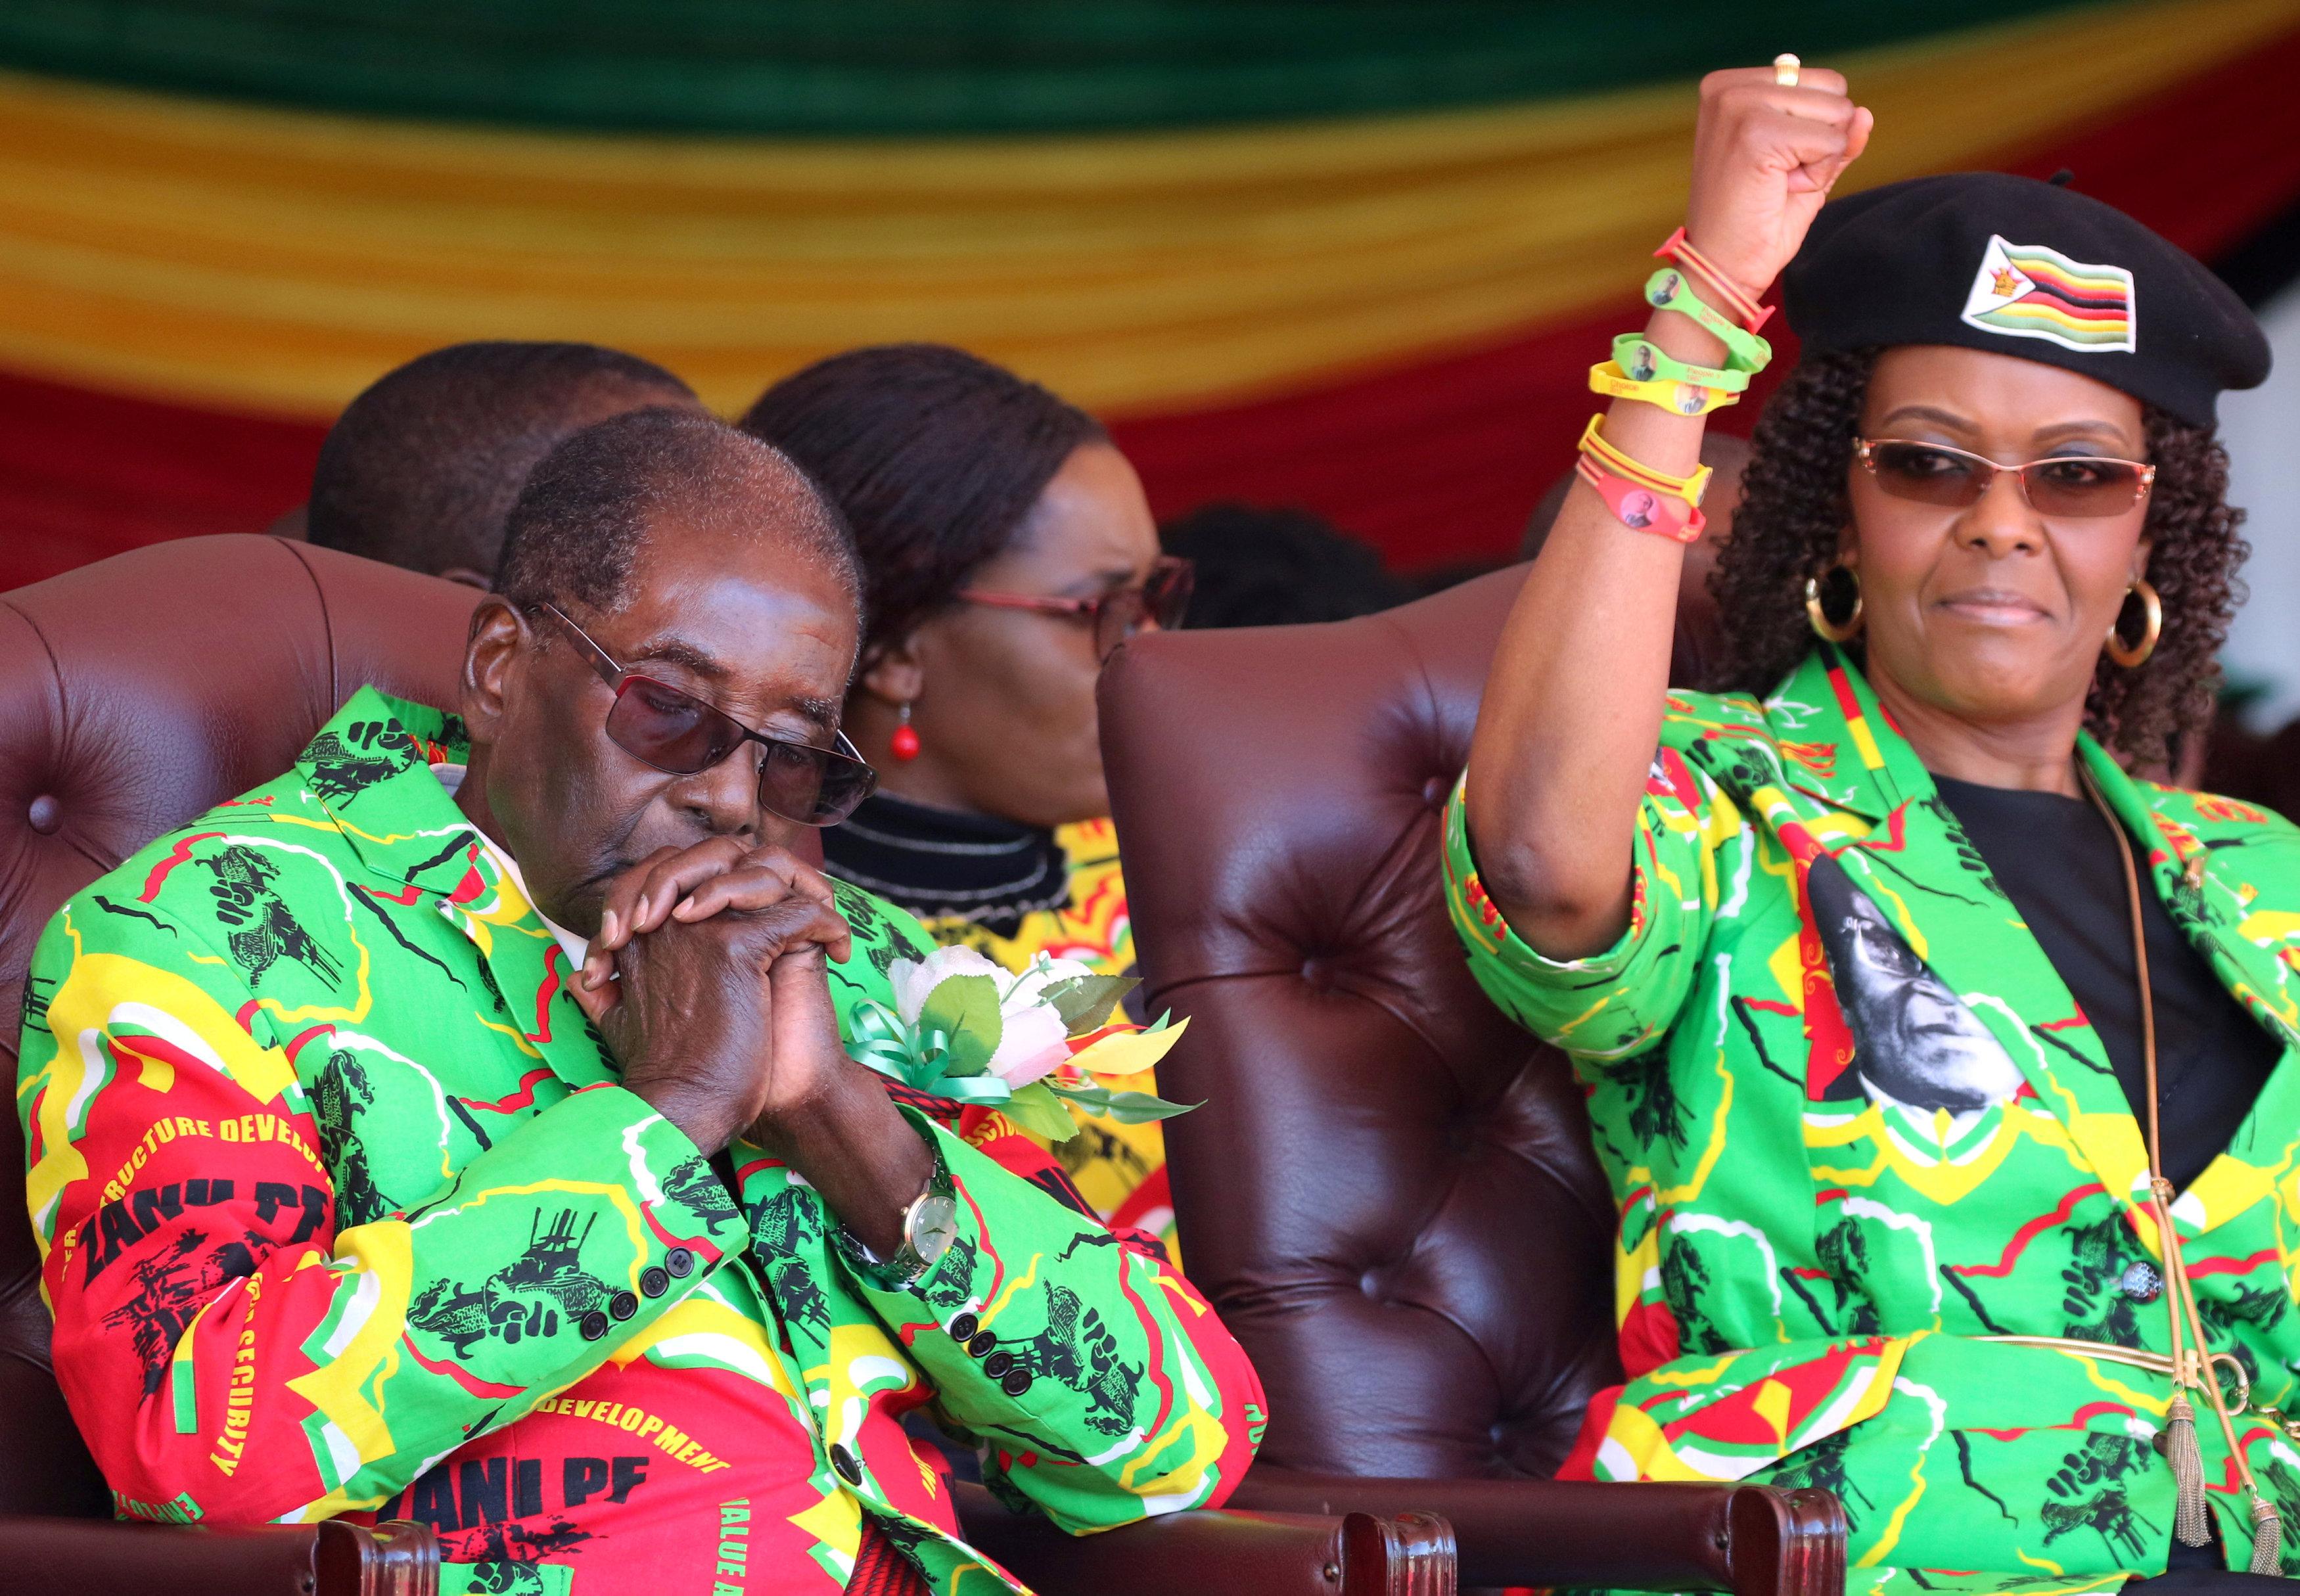 السيدة الأولى فى زيمبابوى جريس موجابى